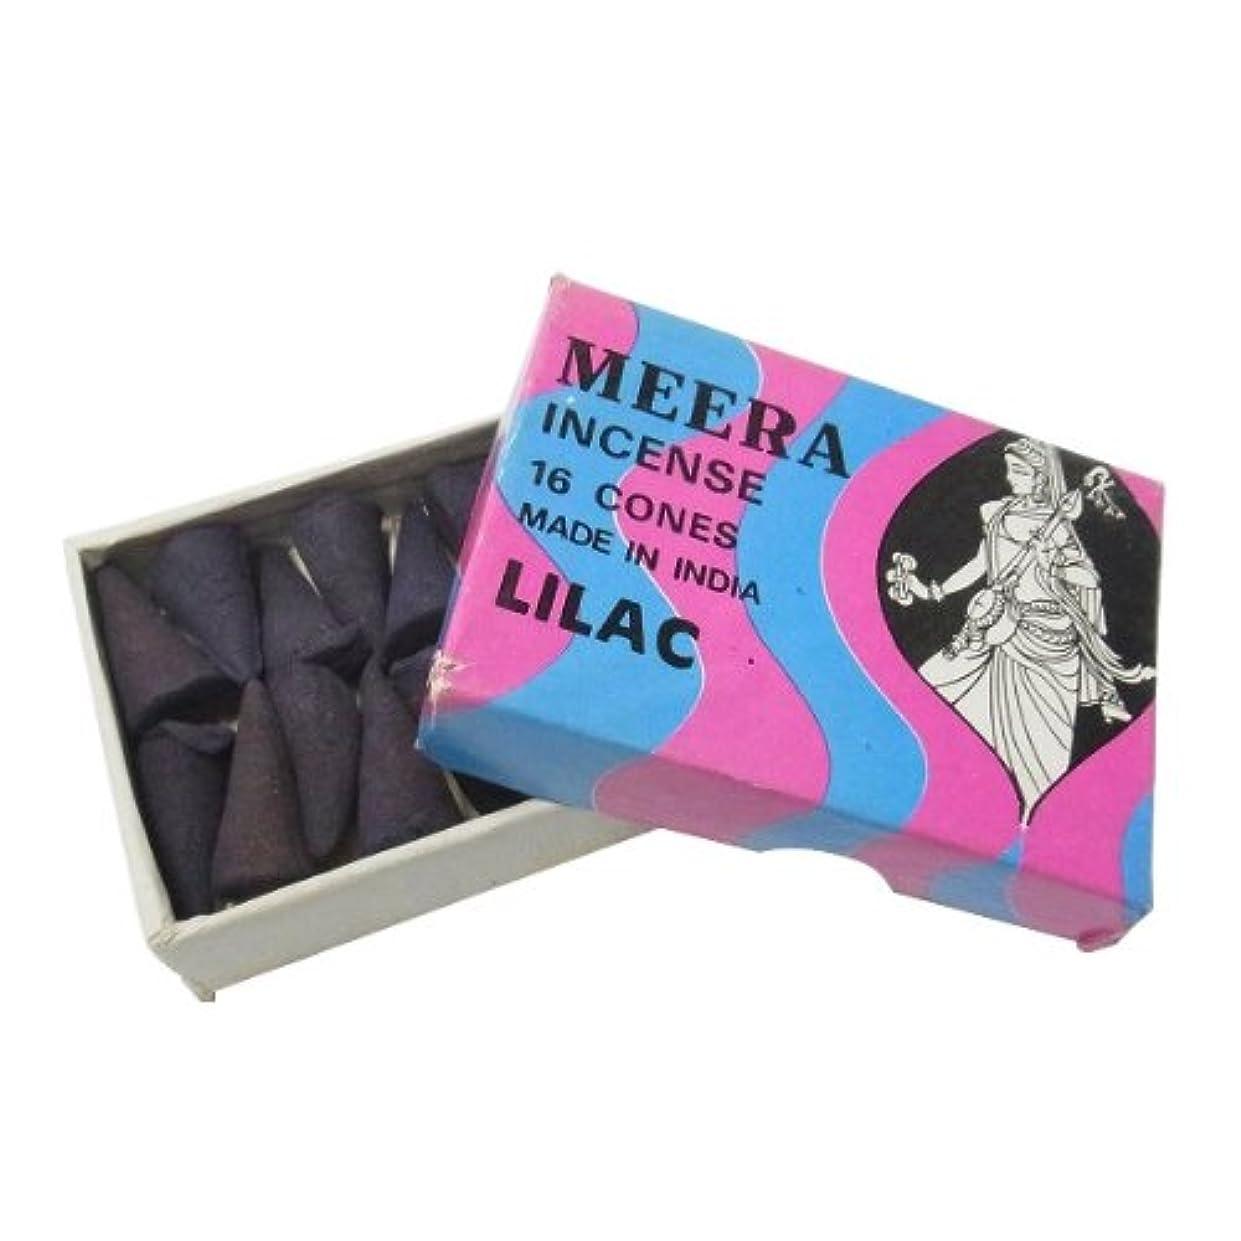 ペッカディロ辛な結論ライラックのお香(MEERA) コーン型お香 インド香